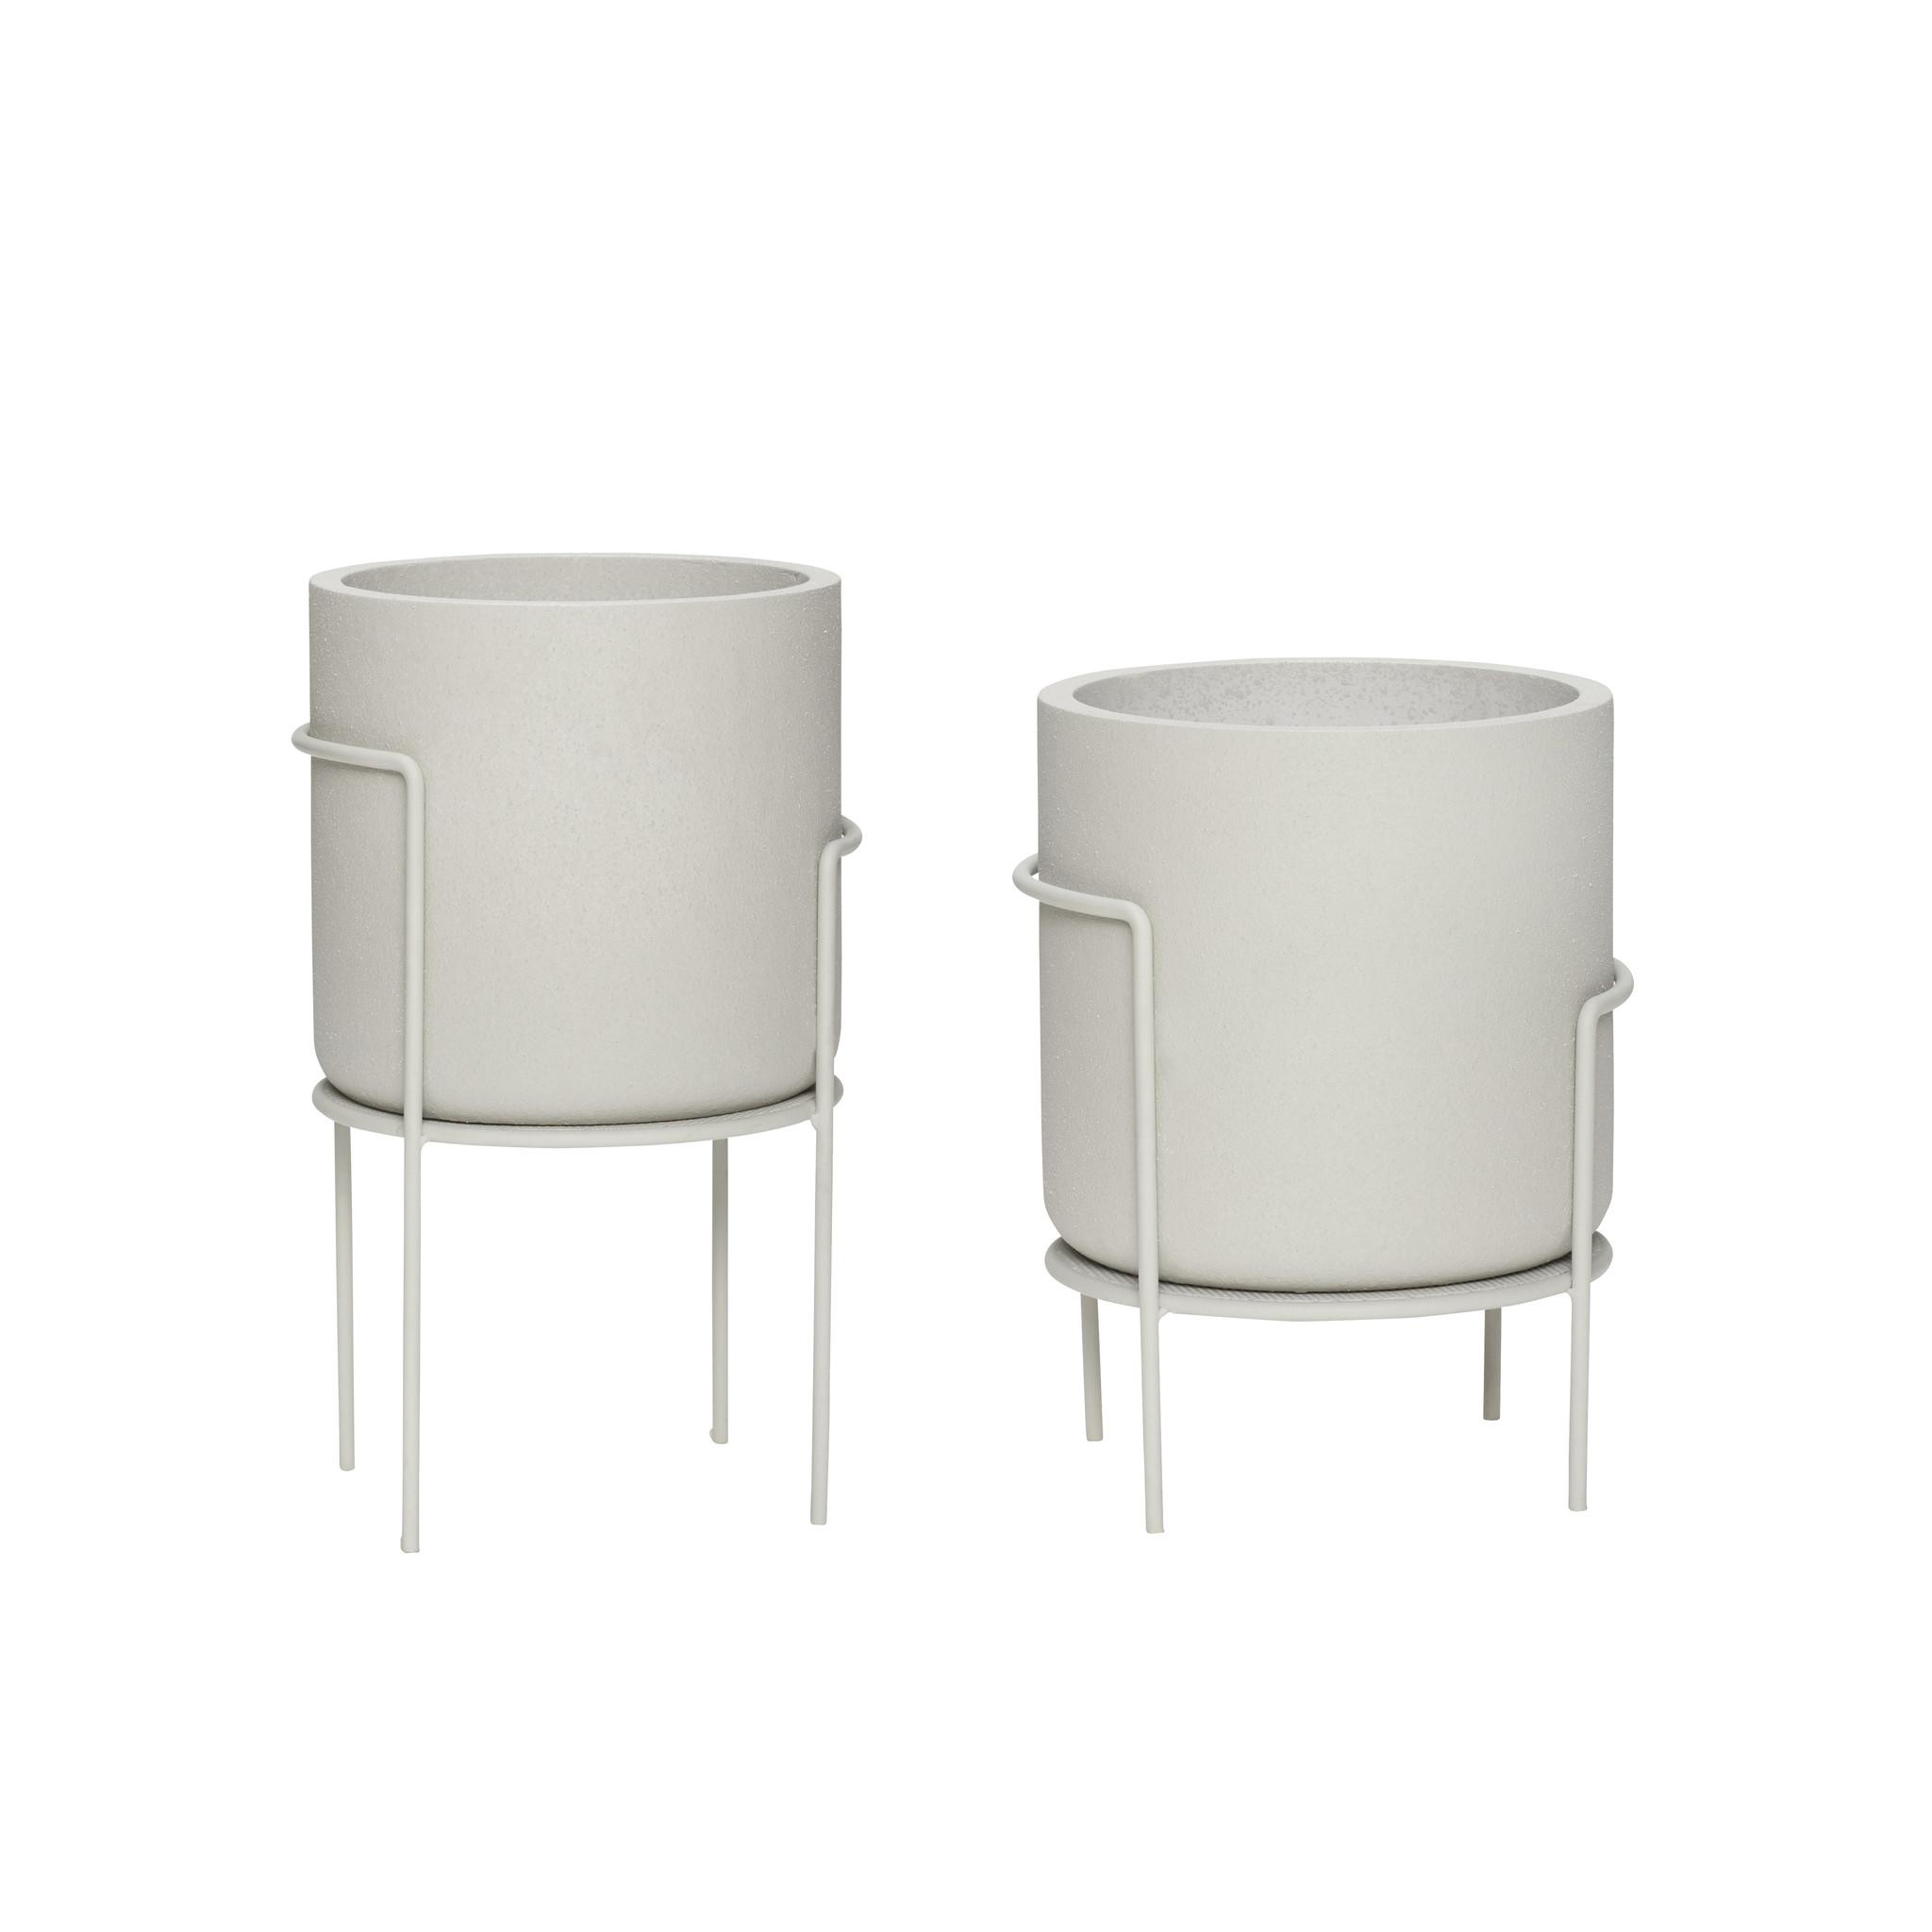 Hubsch Pot op standaard, metaal/gips, grijs, set van 2-990903-5712772071083